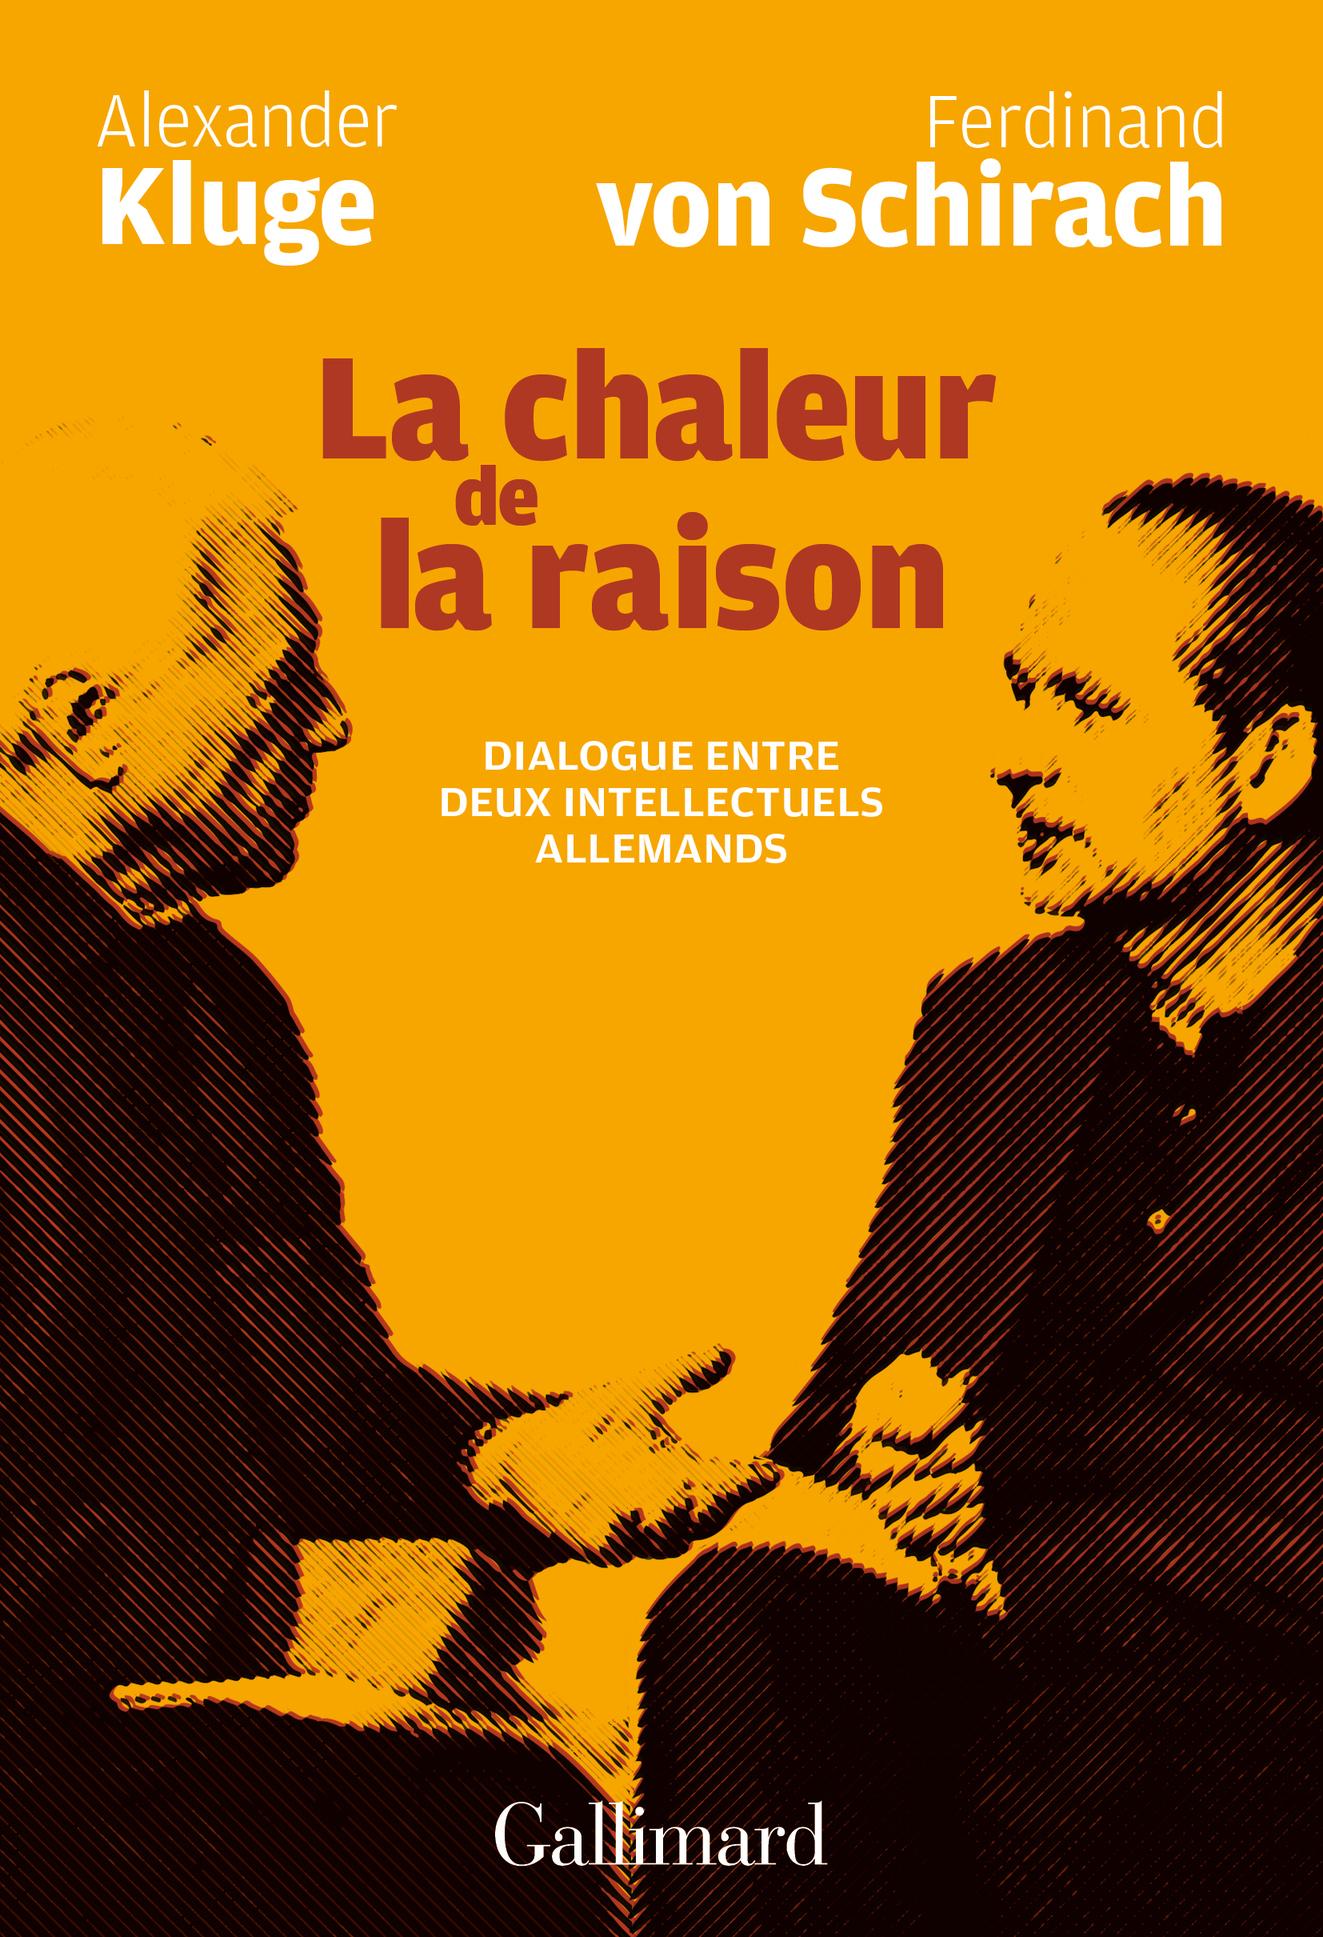 LA CHALEUR DE LA RAISON - DIALOGUE ENTRE DEUX INTELLECTUELS ALLEMANDS